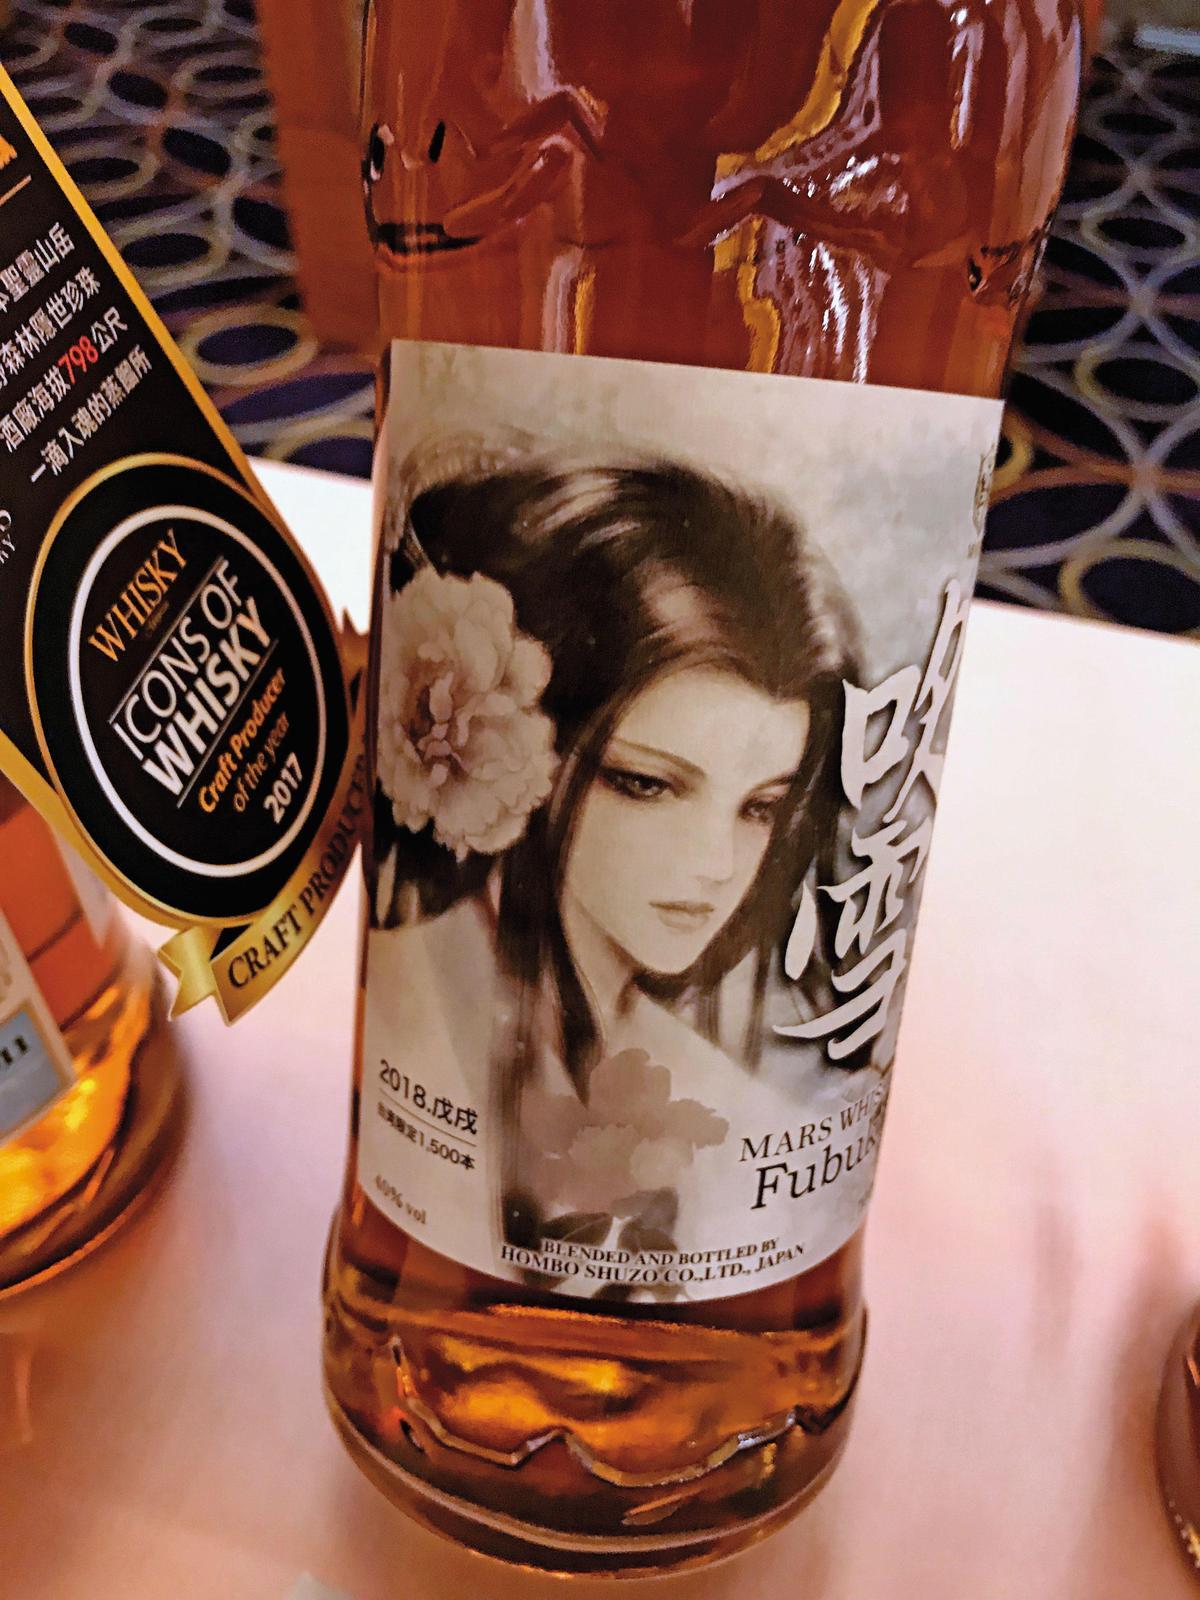 信州Mars酒廠也與大會合作推出酒展特別版「吹雪」,據說一共1500瓶全數賣完。